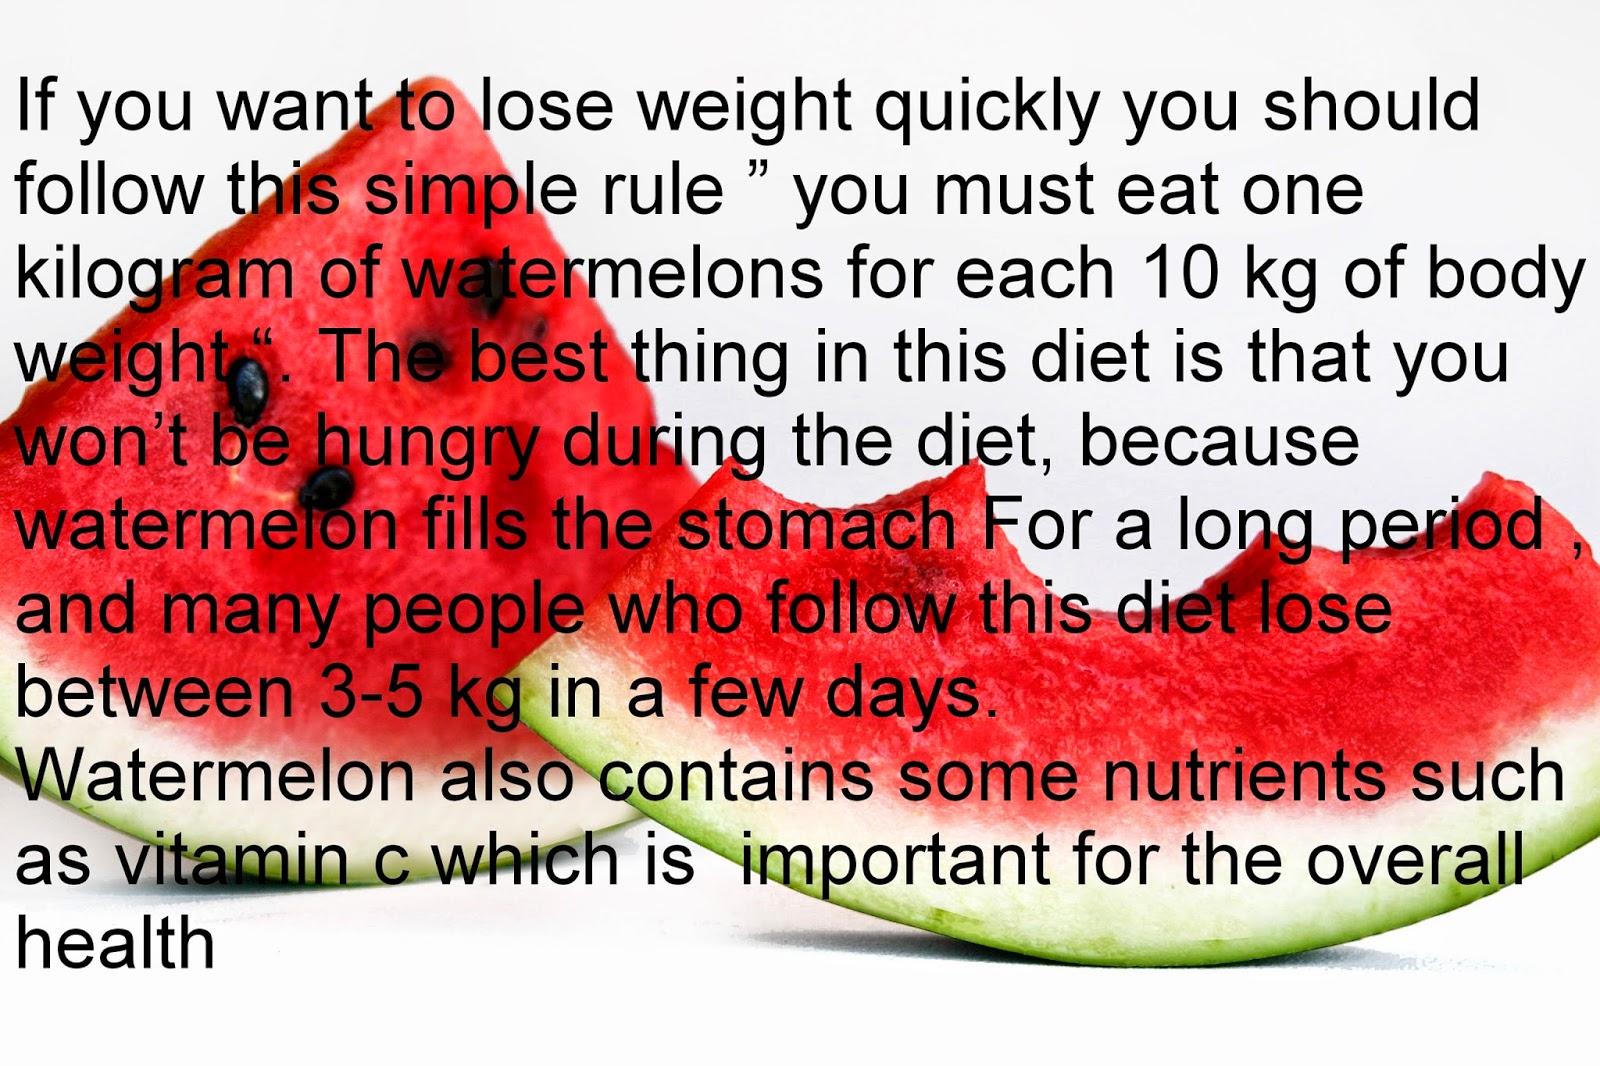 Cronies calorie restriction diet plan